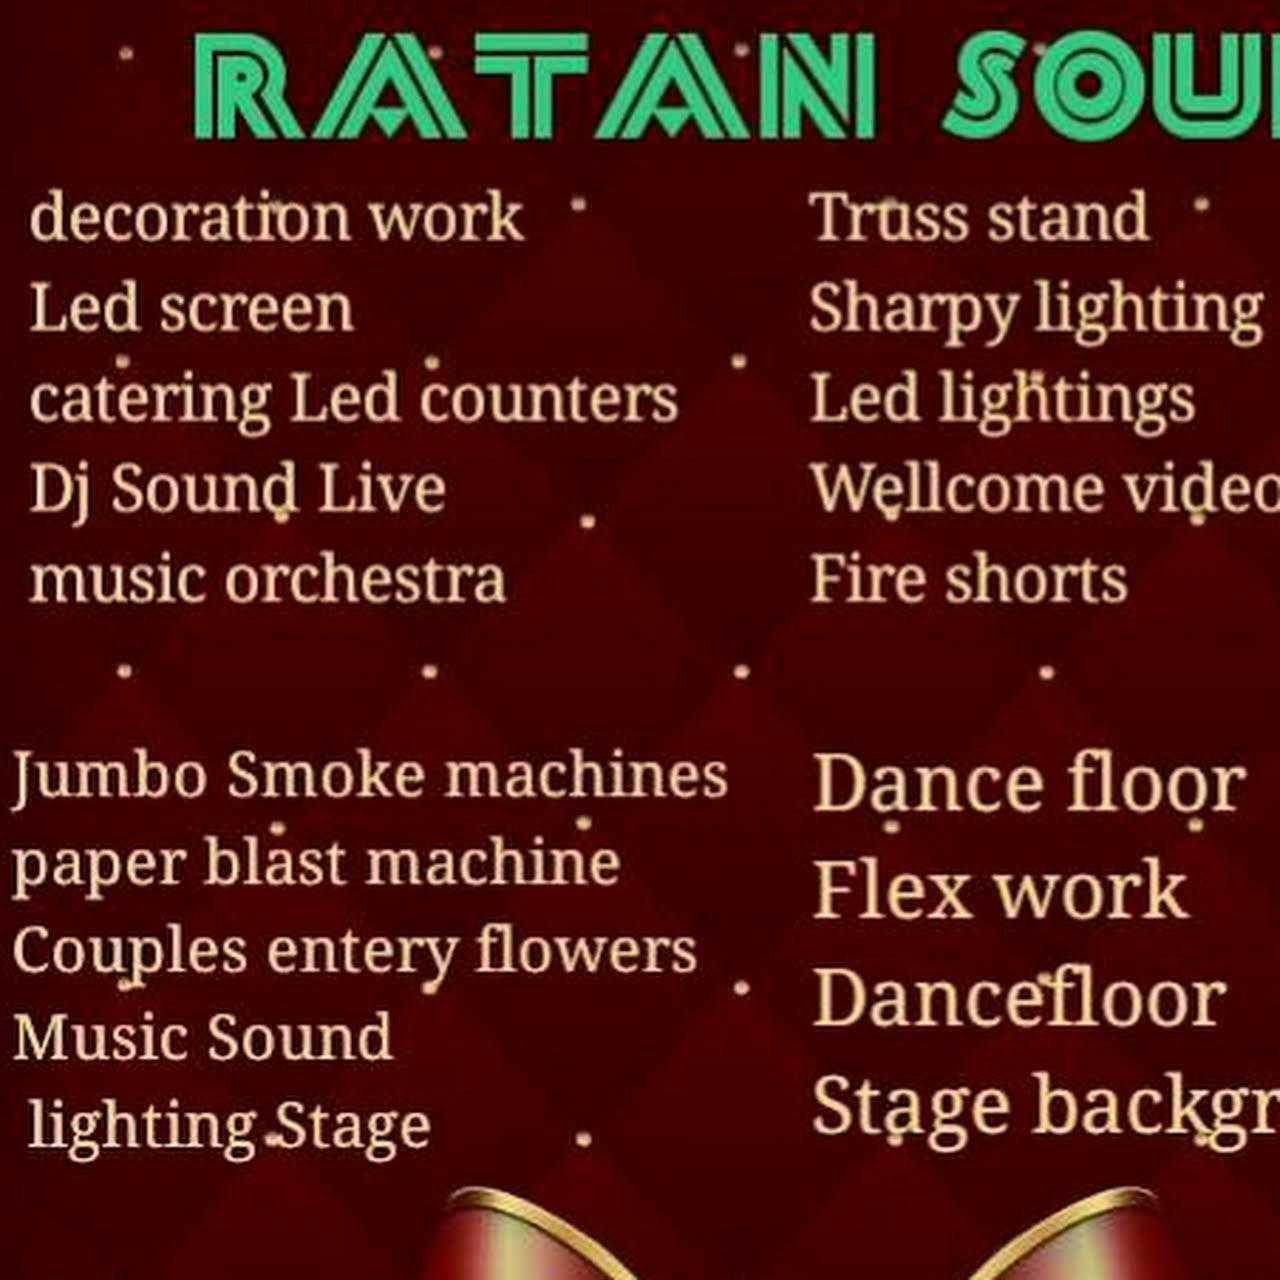 Best sound system & lighting Hyderabad make your dream true